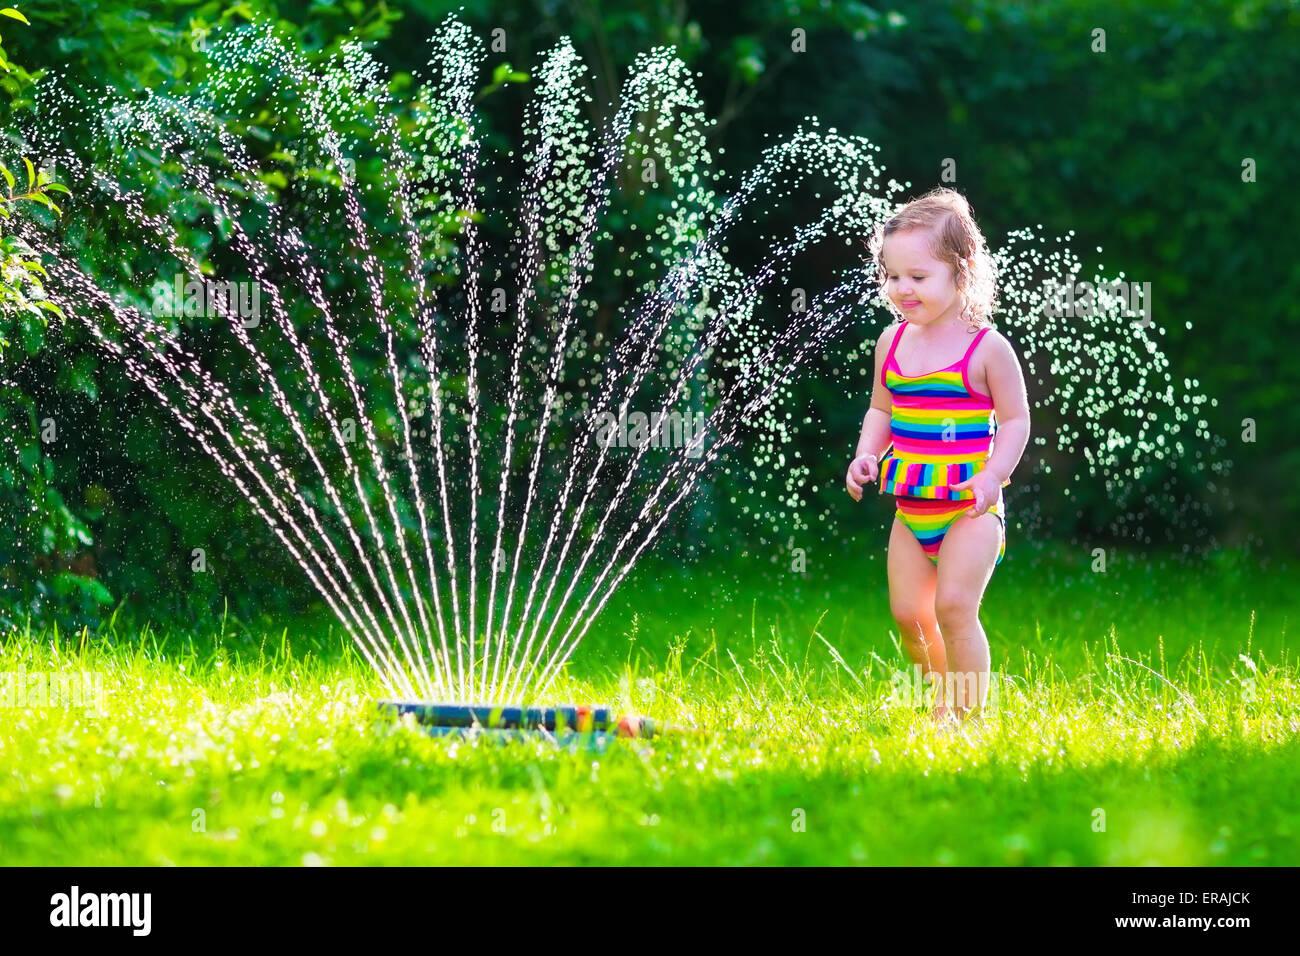 kind spielt mit garten sprinkler kid im badeanzug laufen und springen kinder im garten. Black Bedroom Furniture Sets. Home Design Ideas